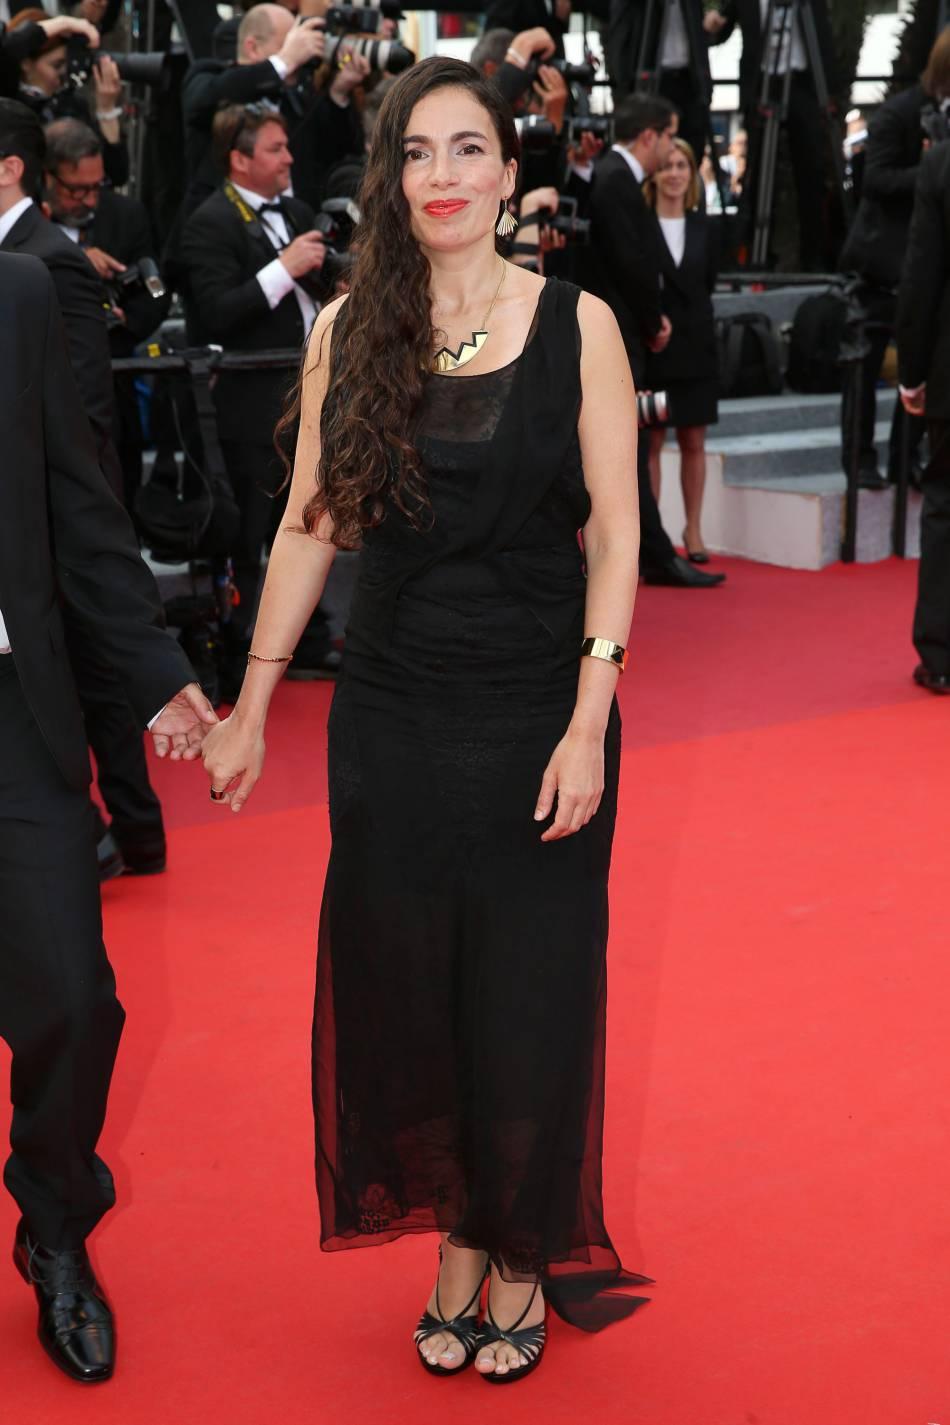 """La chanteuse Yael Naim était elle aussi sur la Croisette pour la montée des marches du film """"La fille inconnue""""."""